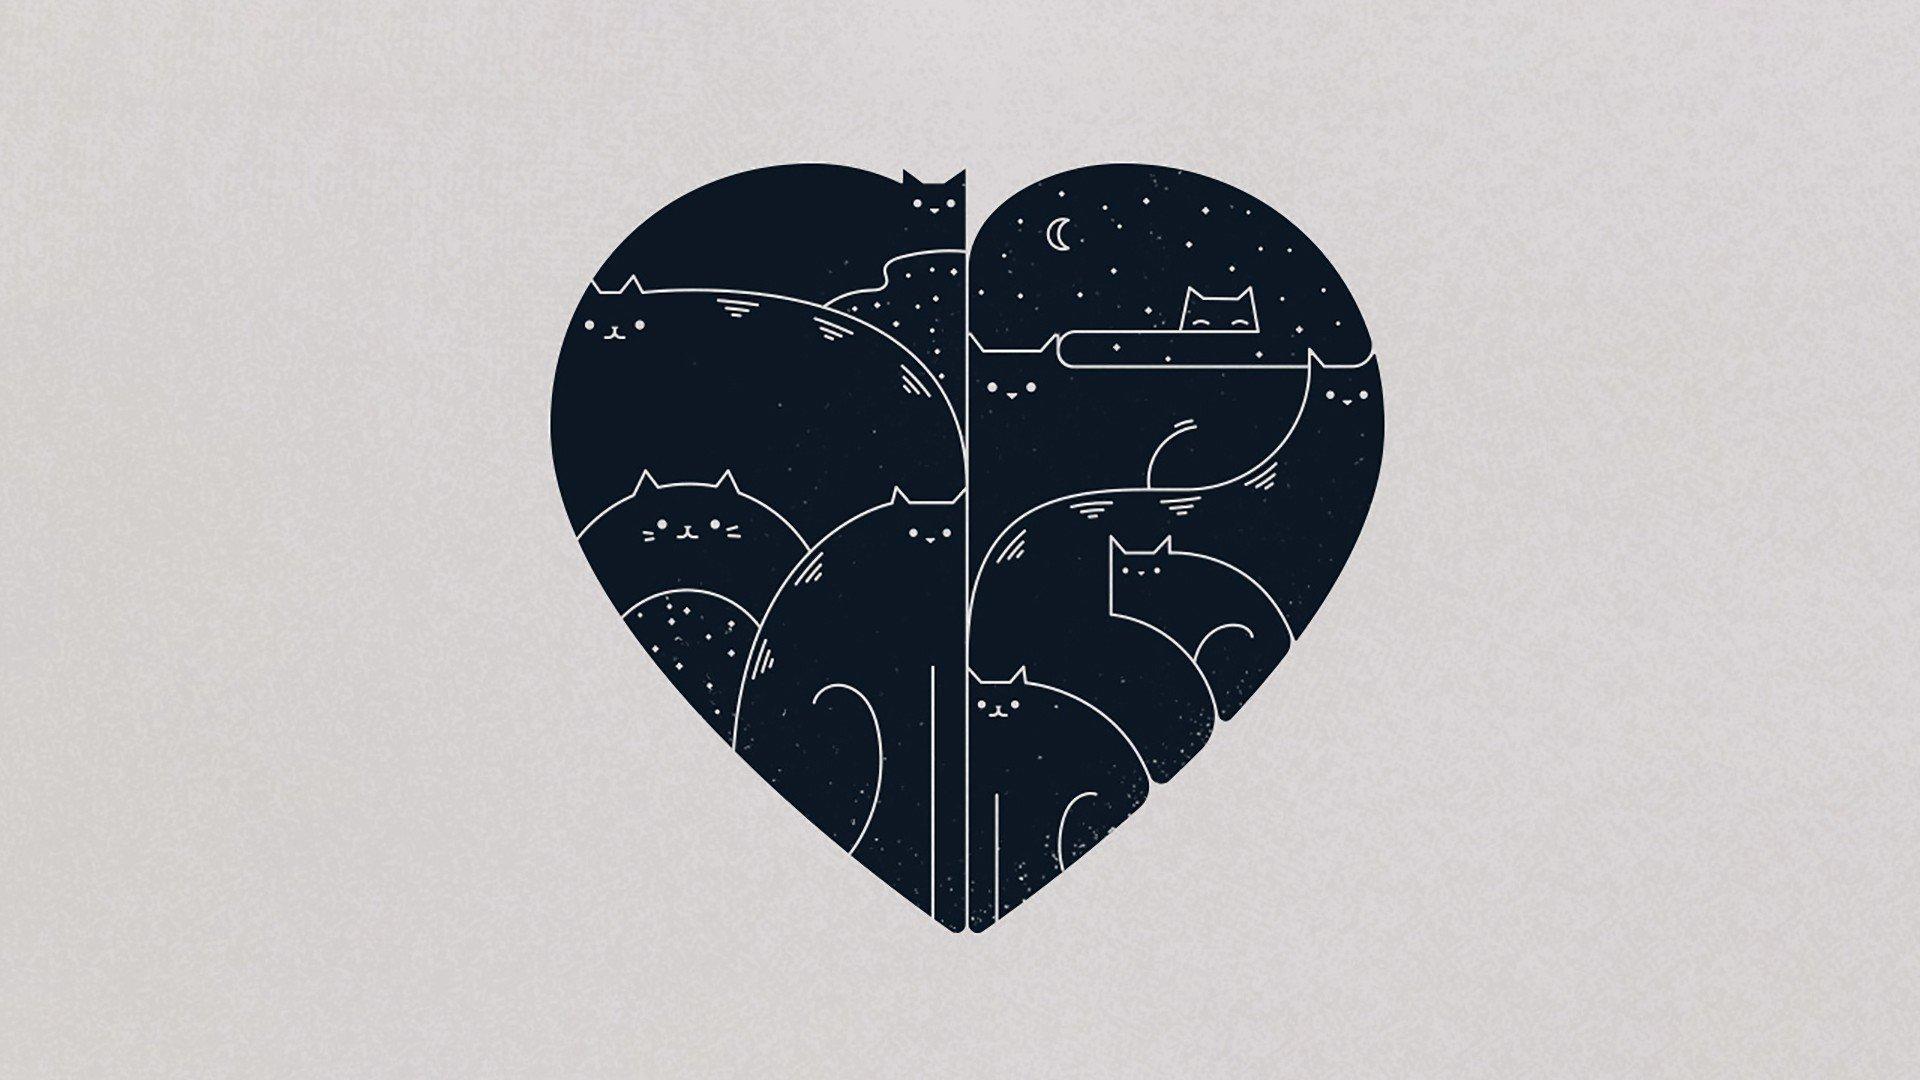 картинки с сердечком минимализм фотографиями закатов своей